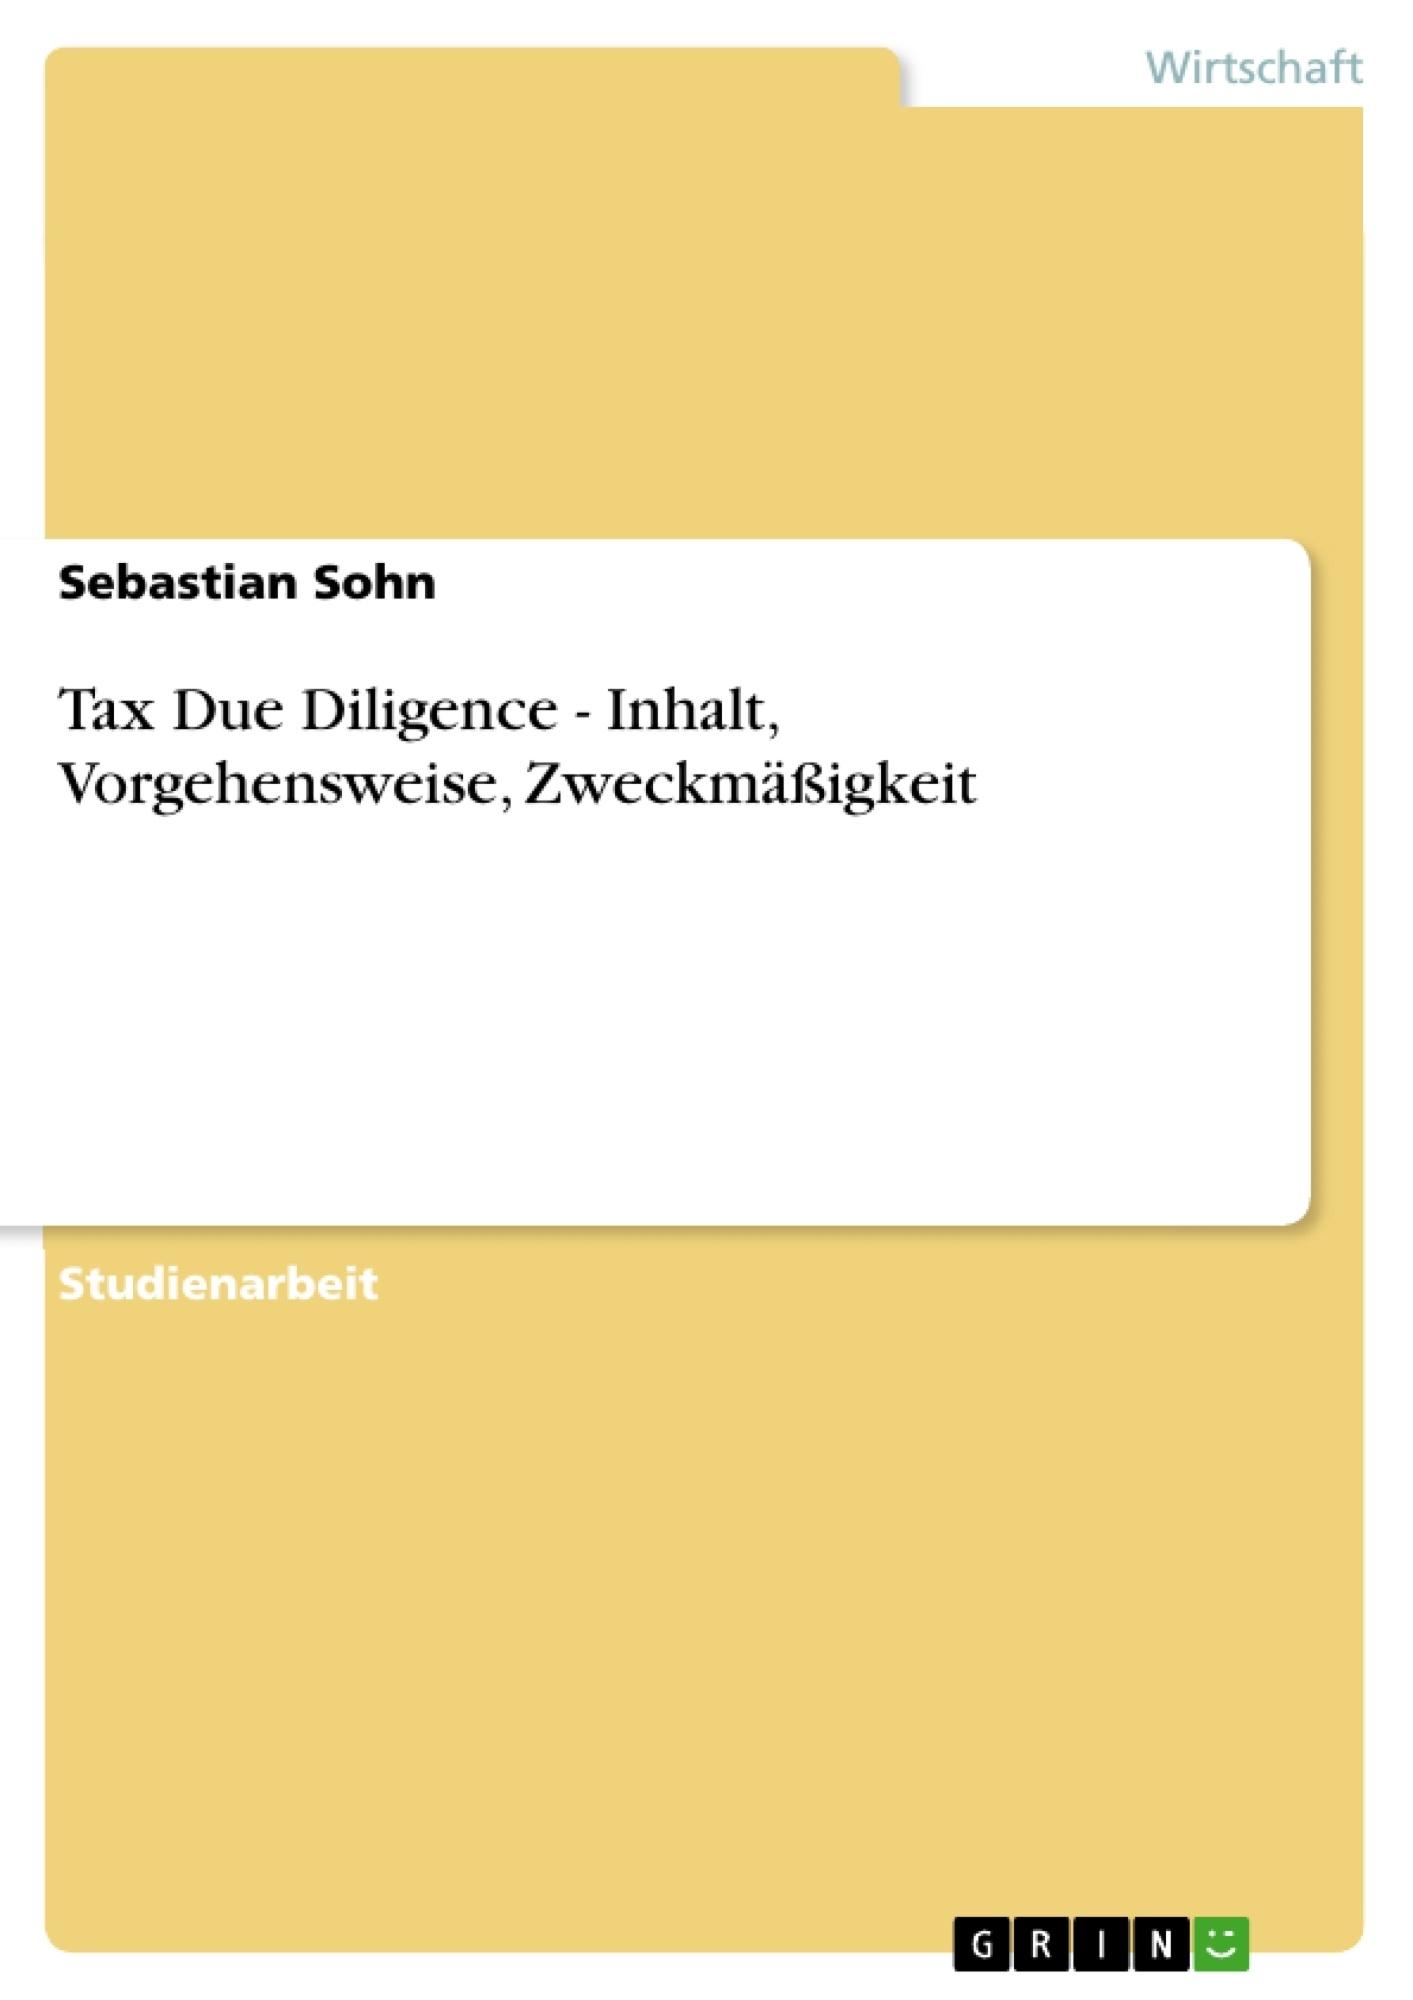 Titel: Tax Due Diligence - Inhalt, Vorgehensweise, Zweckmäßigkeit